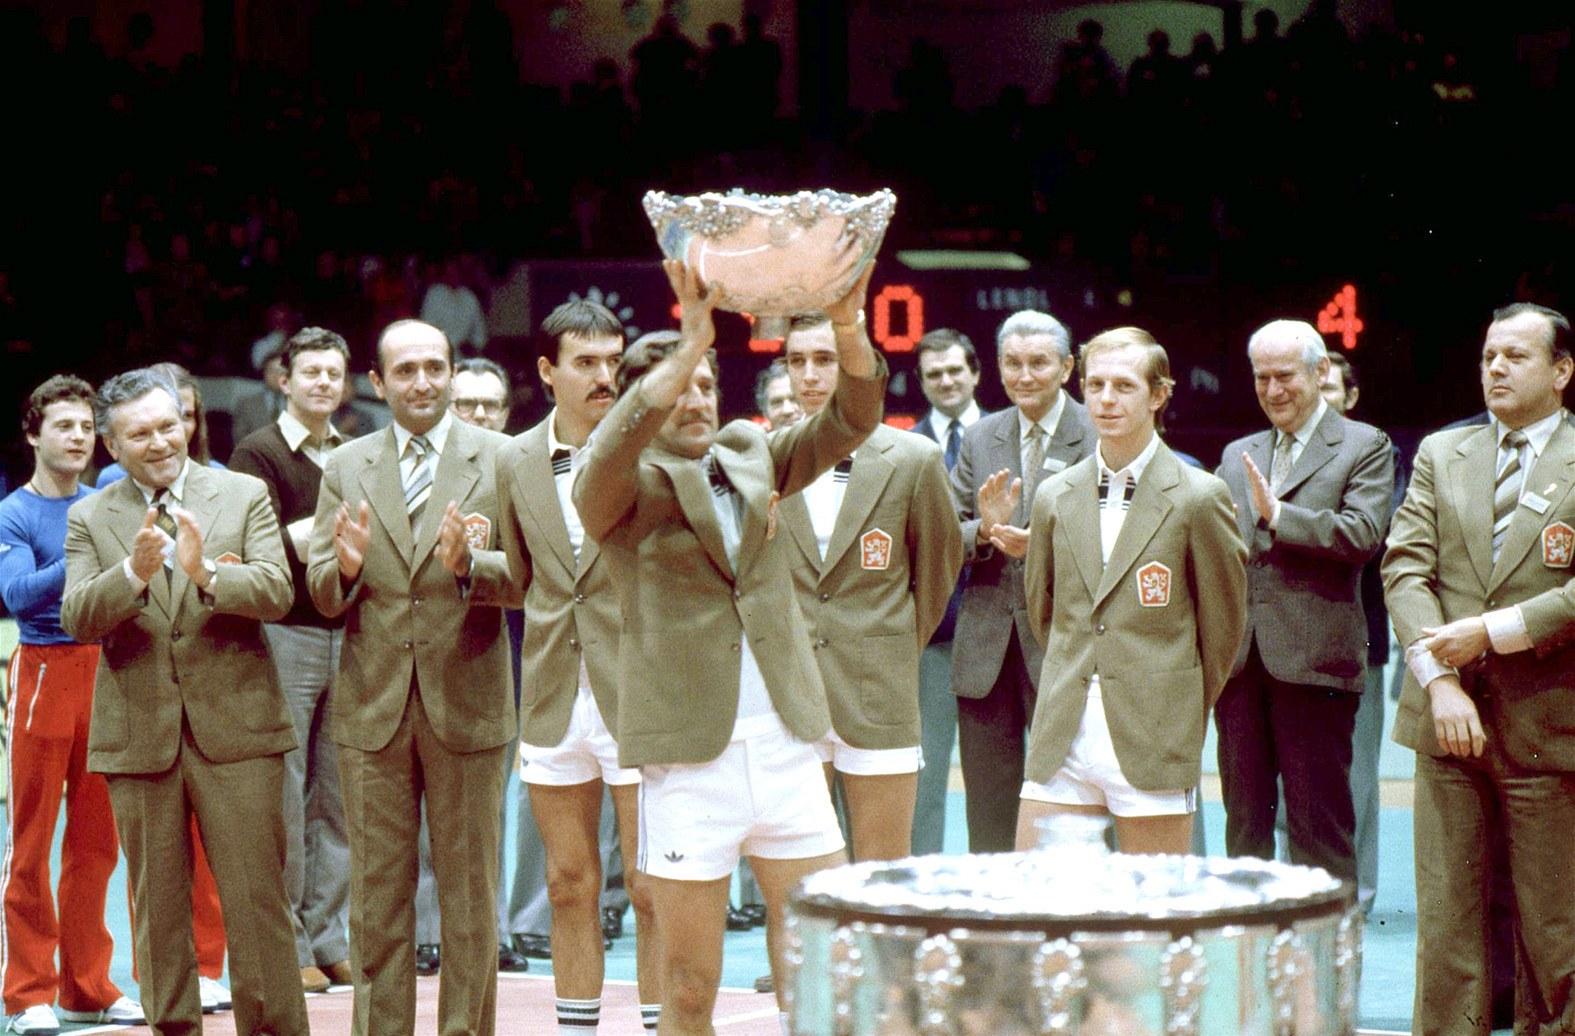 Fotogalerie Jan KodeÅ¡ drž nad hlavou slavn½ Davisův pohár za